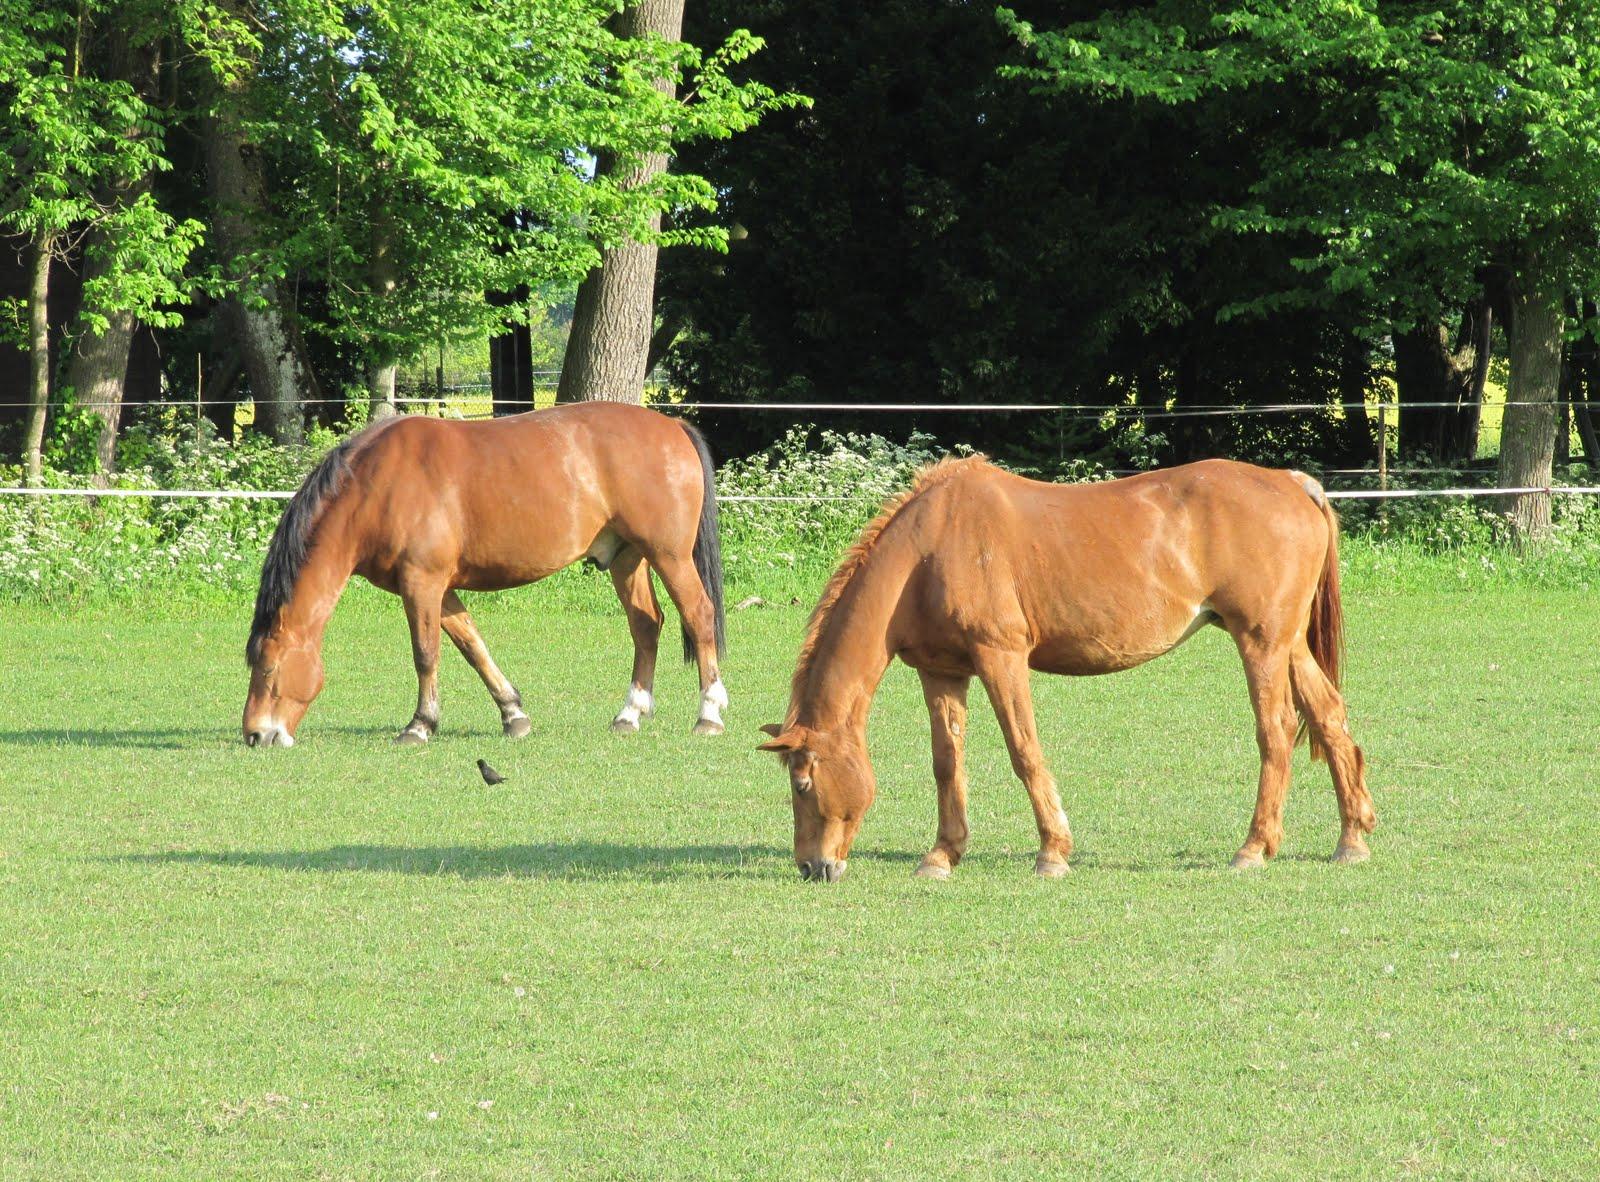 Le tocard 2 chevaux photo et fond d 39 cran gratuit - Chevaux gratuits ...